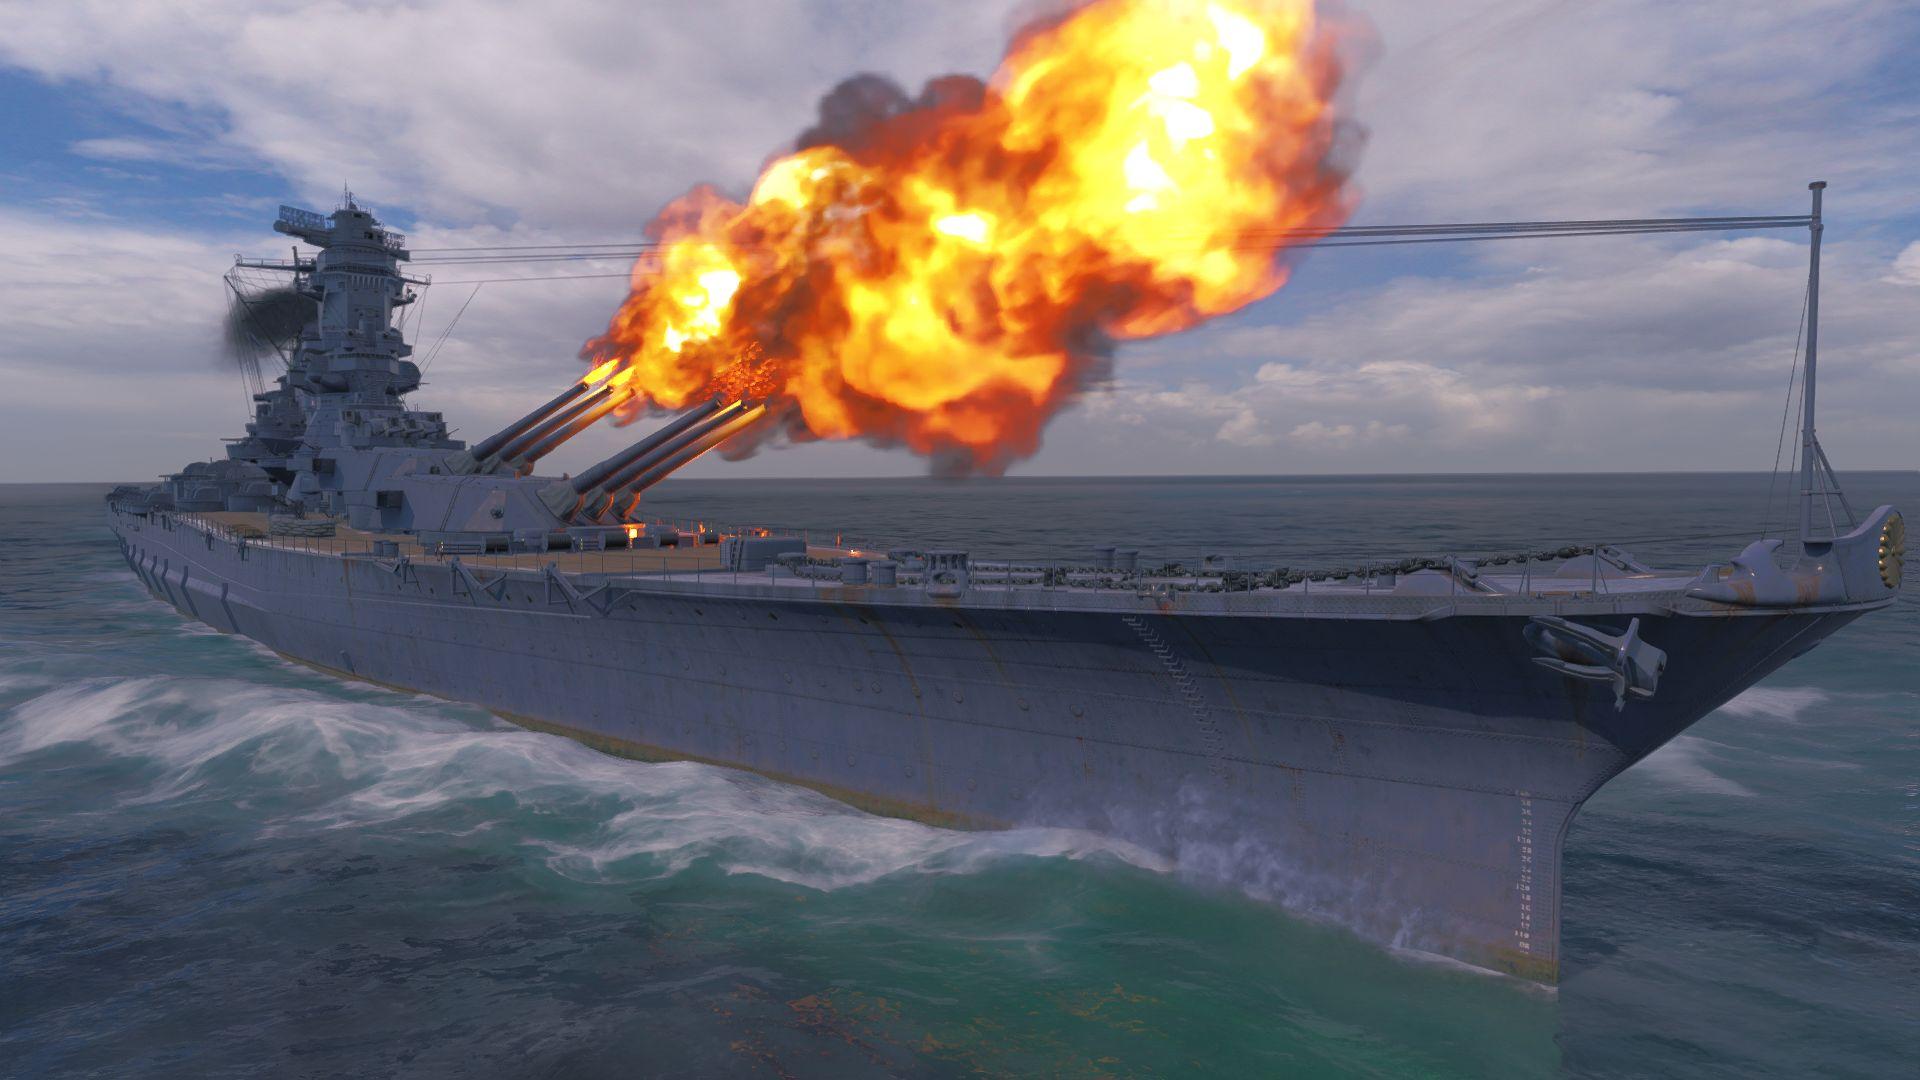 46cm砲を発射する大和.jpg